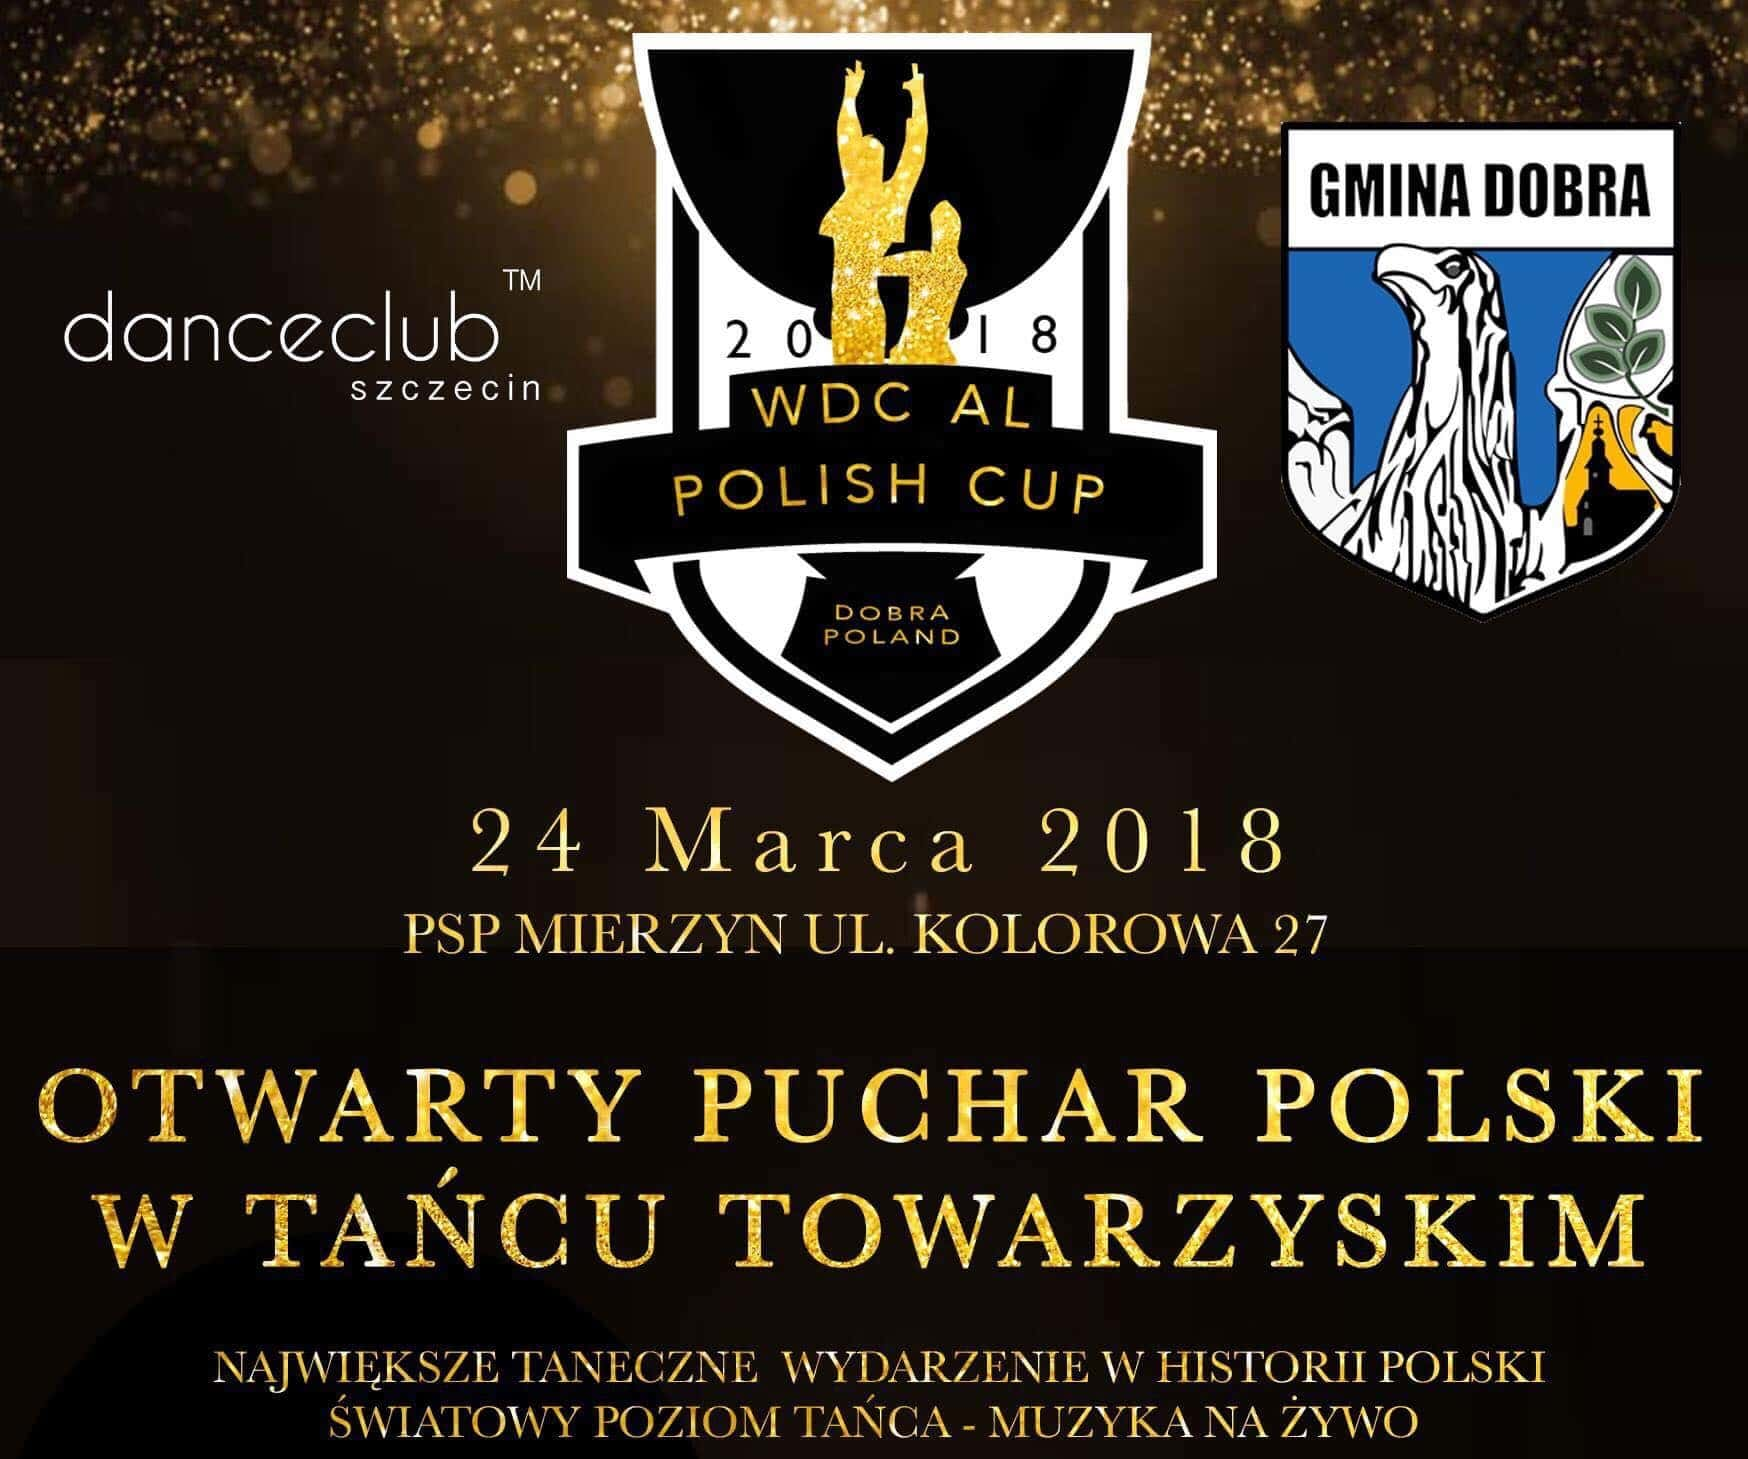 Otwarty Puchar Polski wTańcu Towarzyskim Mierzyn